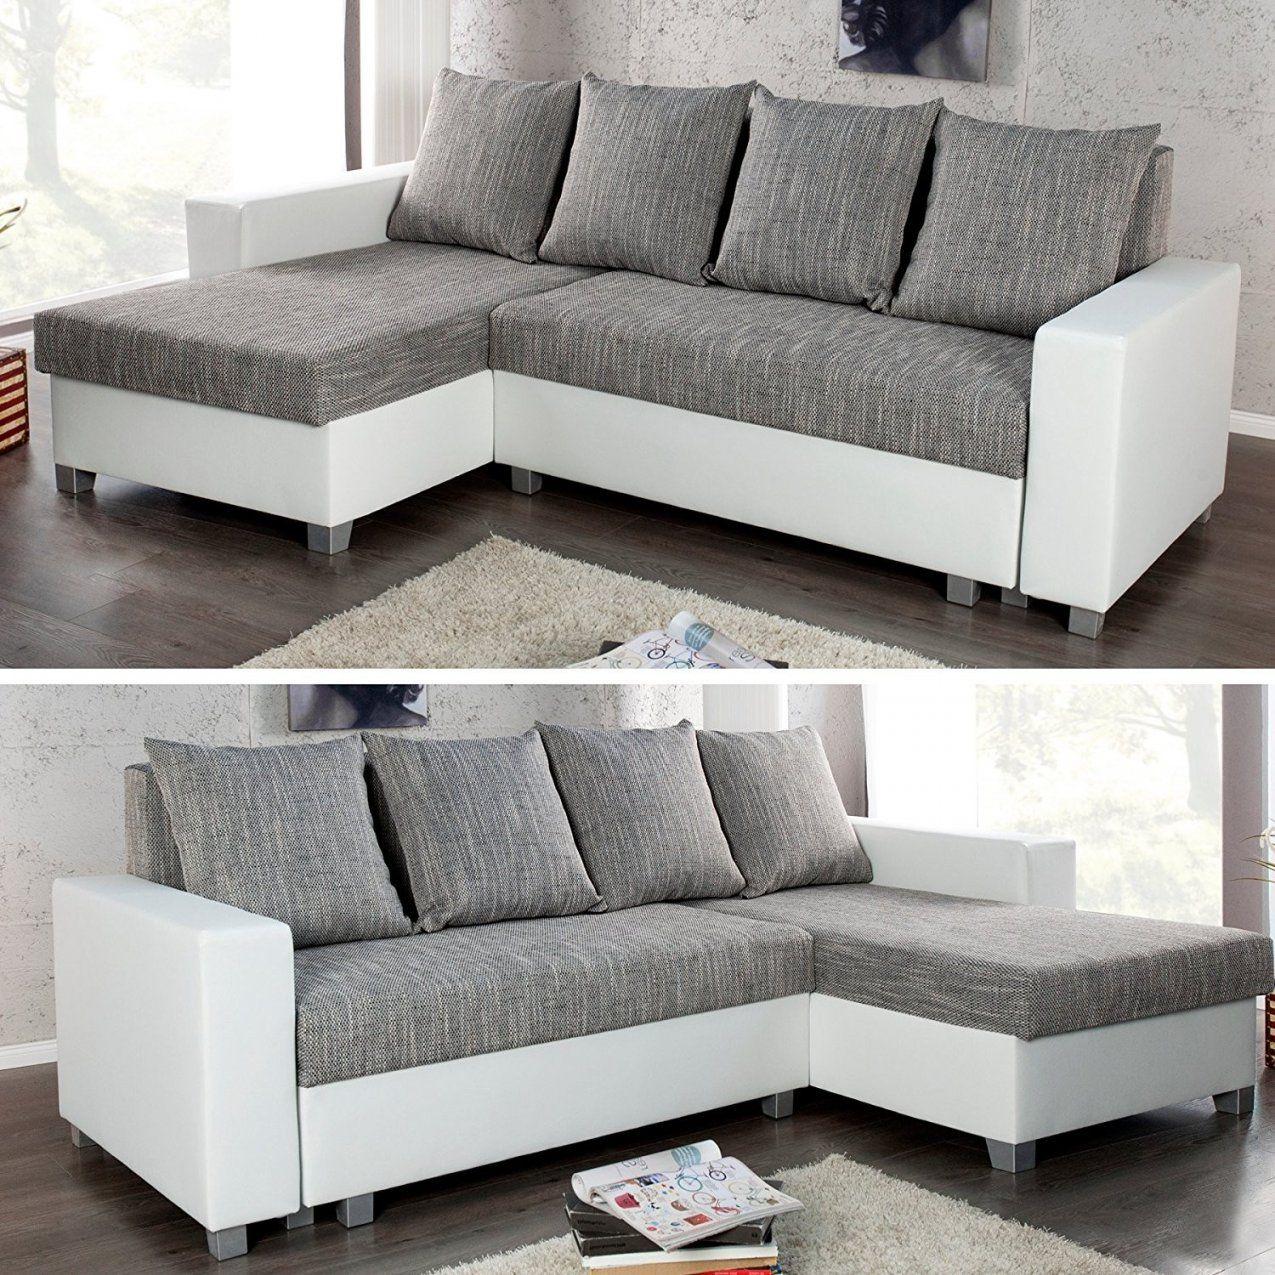 Luxus Wohnlandschaft Schlaffunktion Ikea Für Wohnzimmerdekoration von Ikea Wohnlandschaft Mit Schlaffunktion Bild